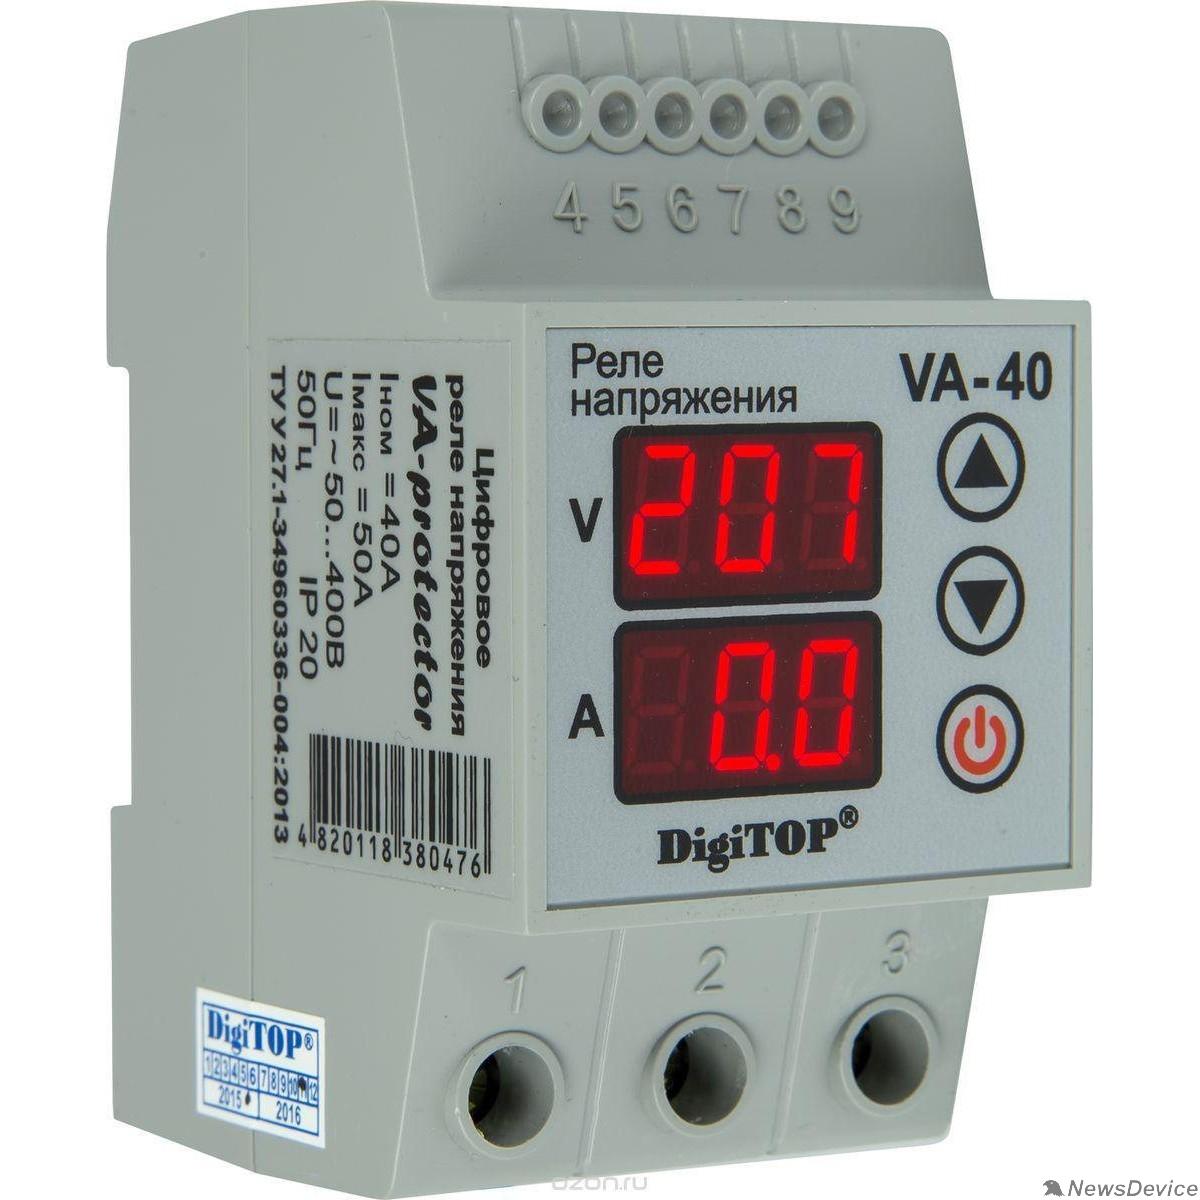 DigiTOP Реле, терморегуляторы, таймеры DigiTOP VA-40A Реле напряжения с контролем тока на DIN-рейку, 0-400В, макс. 50А, 5-600 сек.